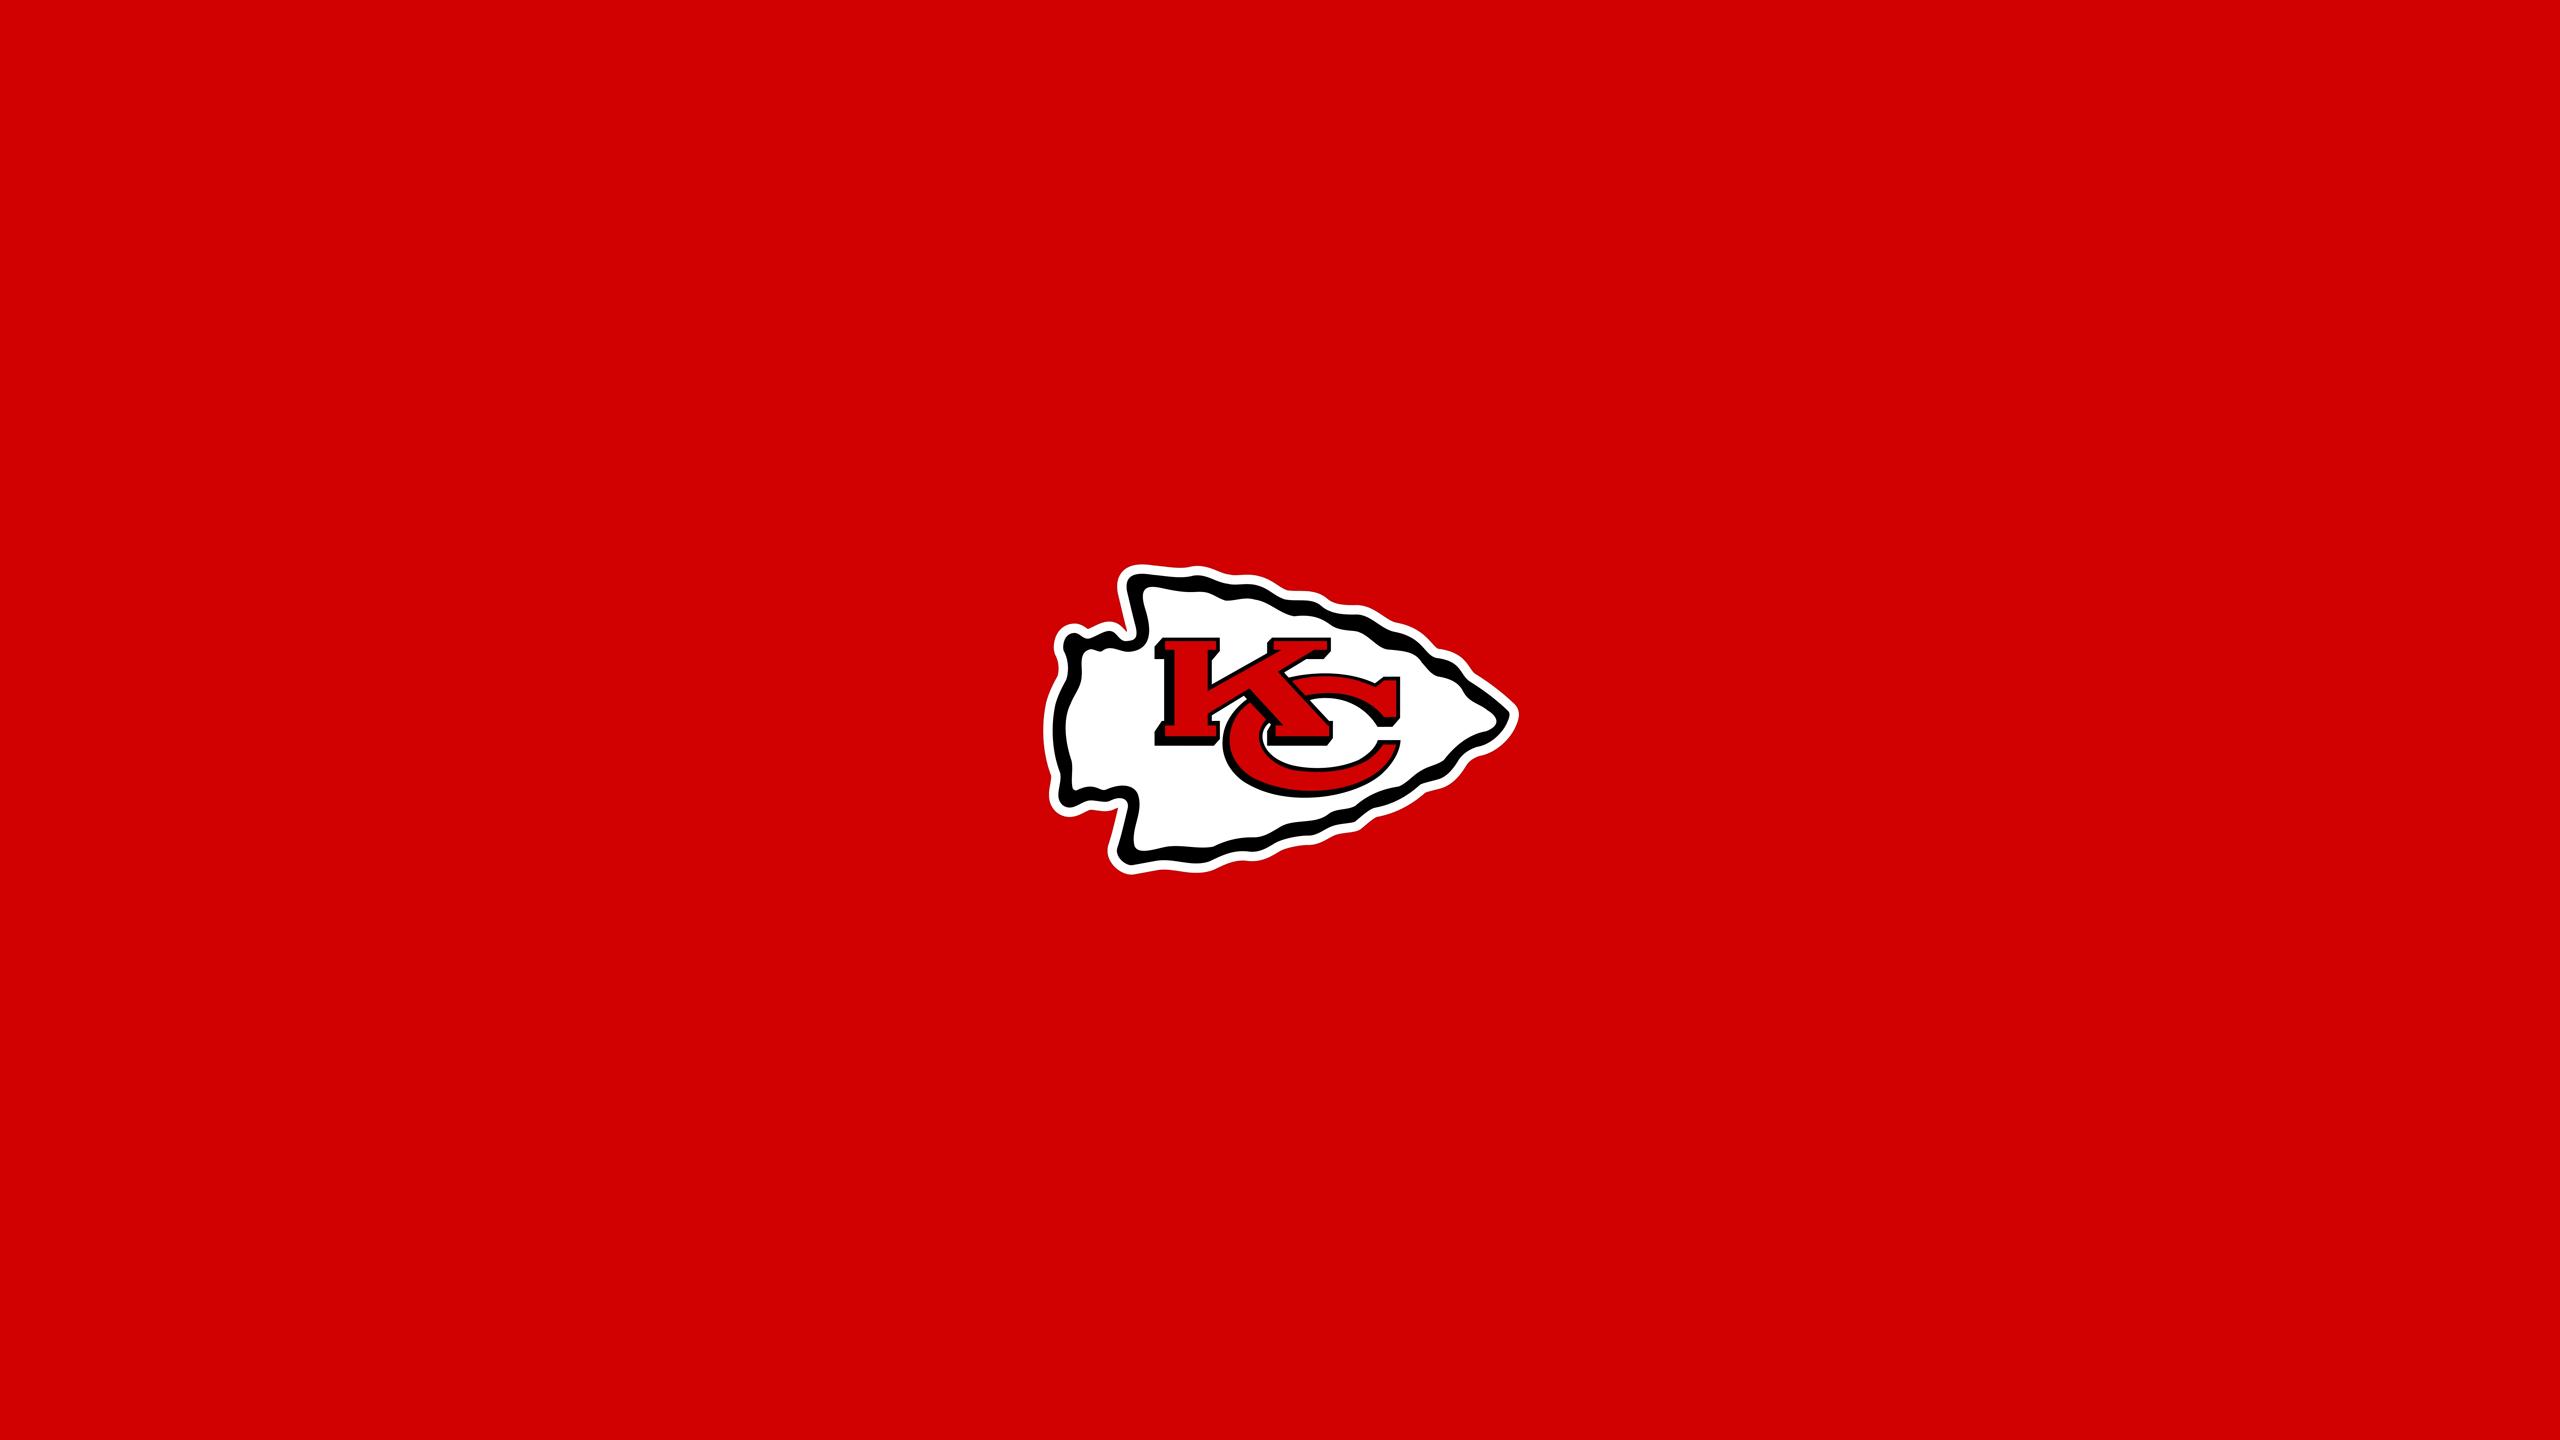 Arizona Cardinals Wallpaper Iphone 9 Hd Kansas City Chiefs Wallpapers Hdwallsource Com